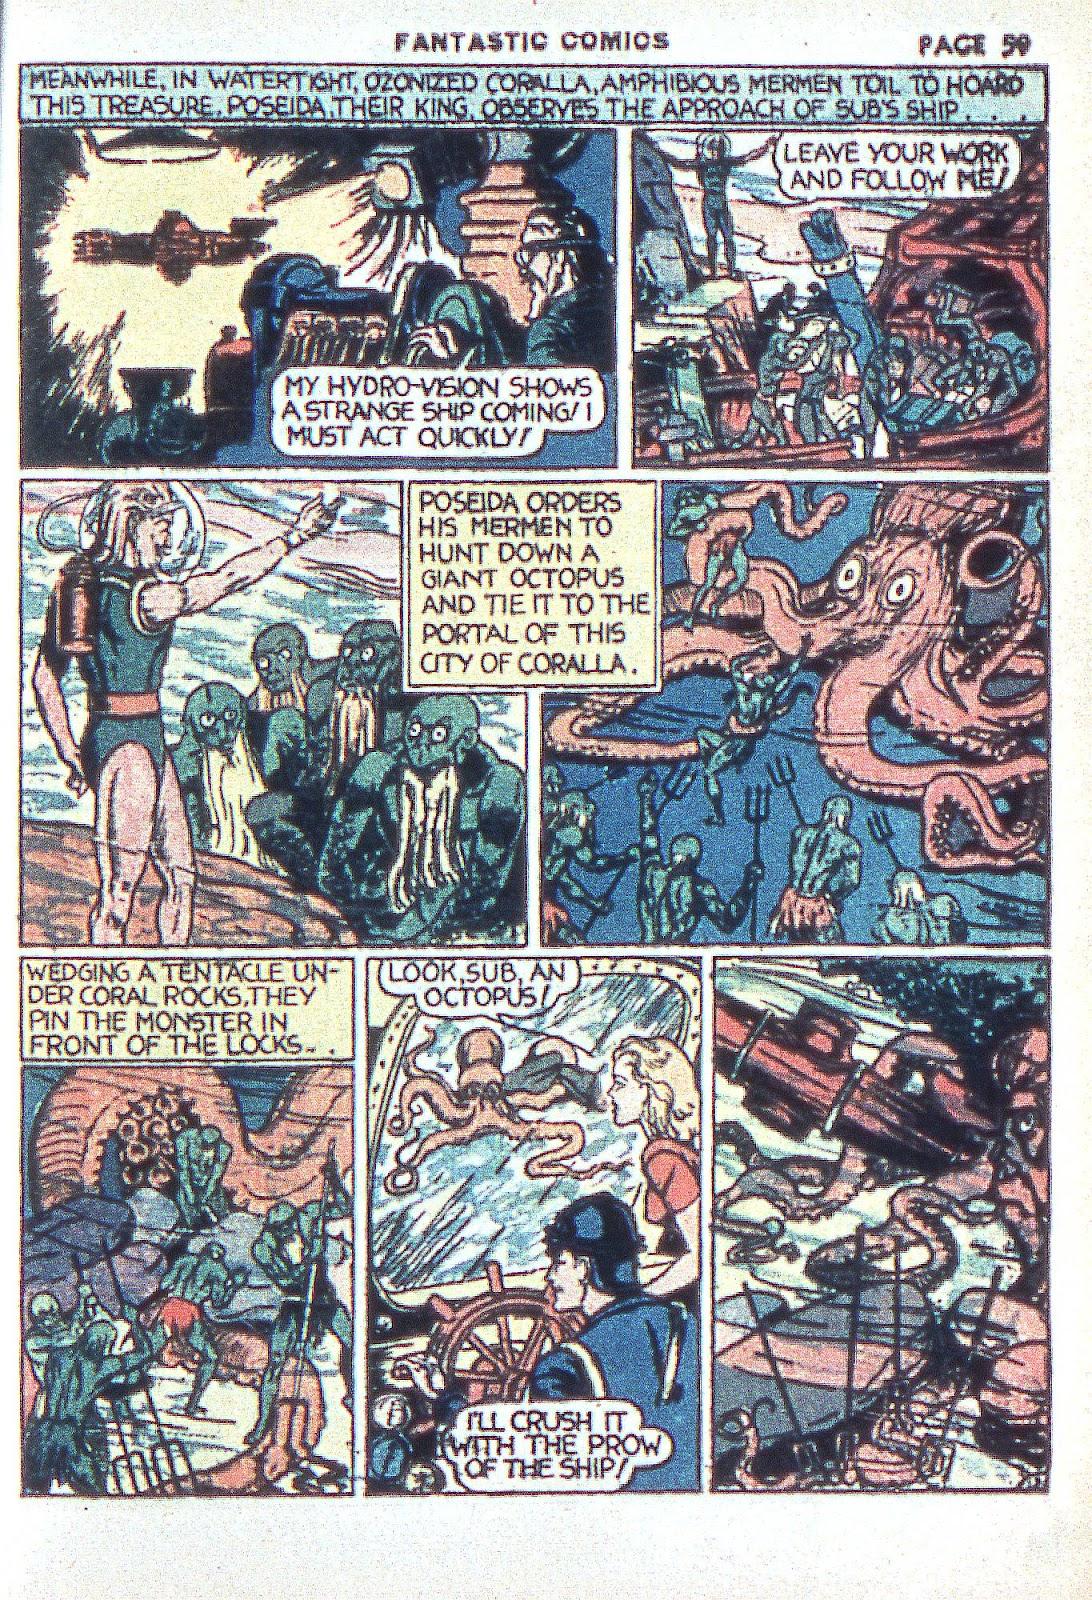 Read online Fantastic Comics comic -  Issue #3 - 61